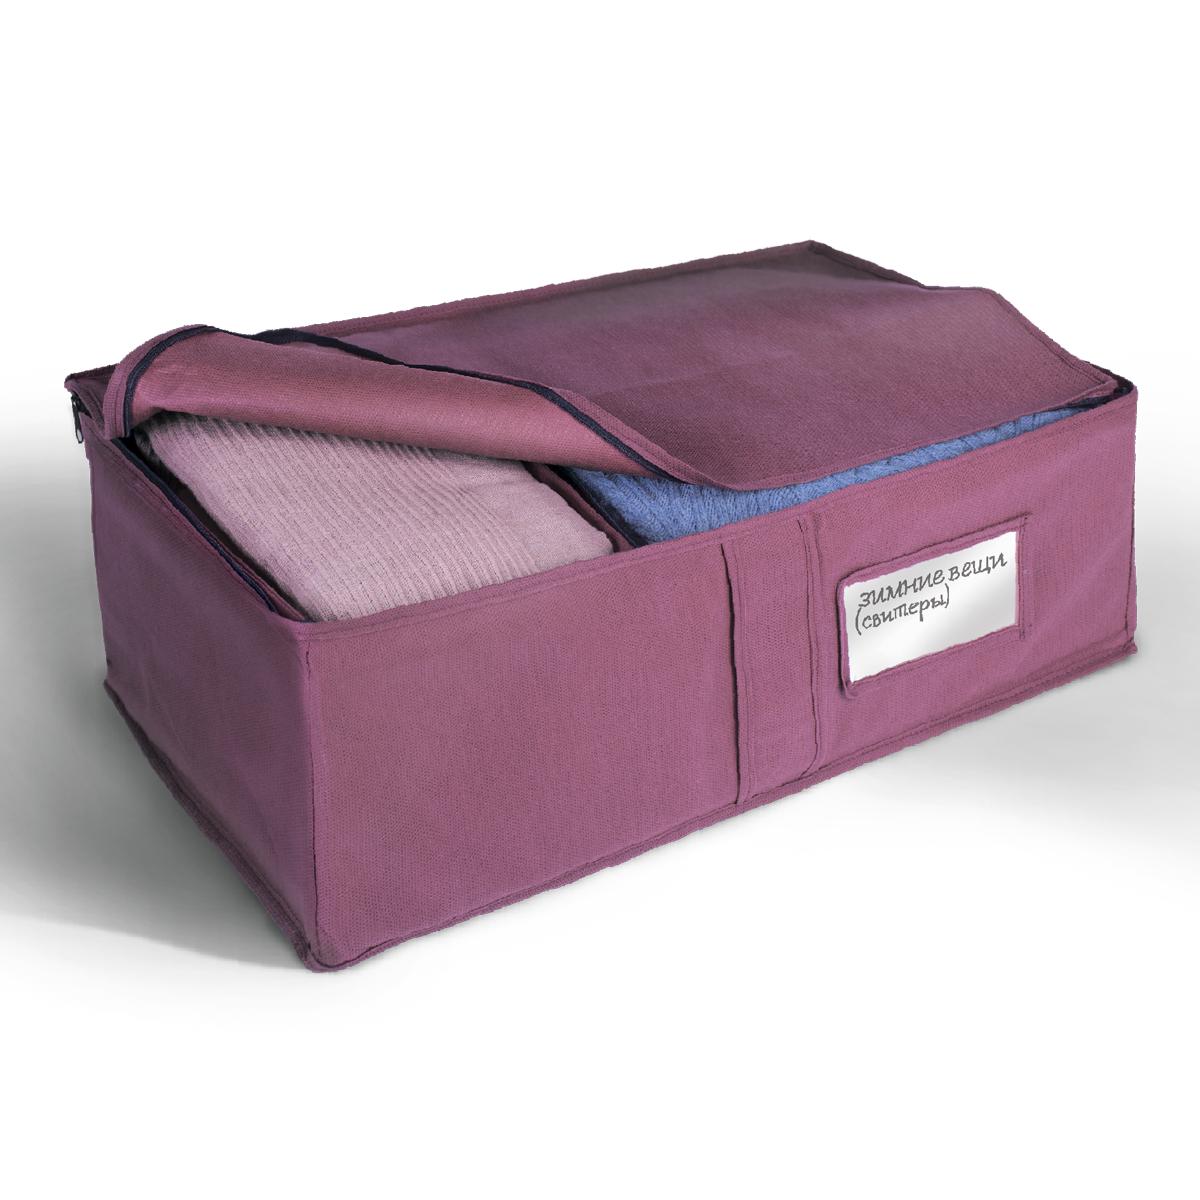 Кофр для хранения Miolla, цвет: бордовый, 60 х 30 х 20 смCHL-7-4Ящик универсальный для хранения вещей 60 x 30 x 20 см бордовый